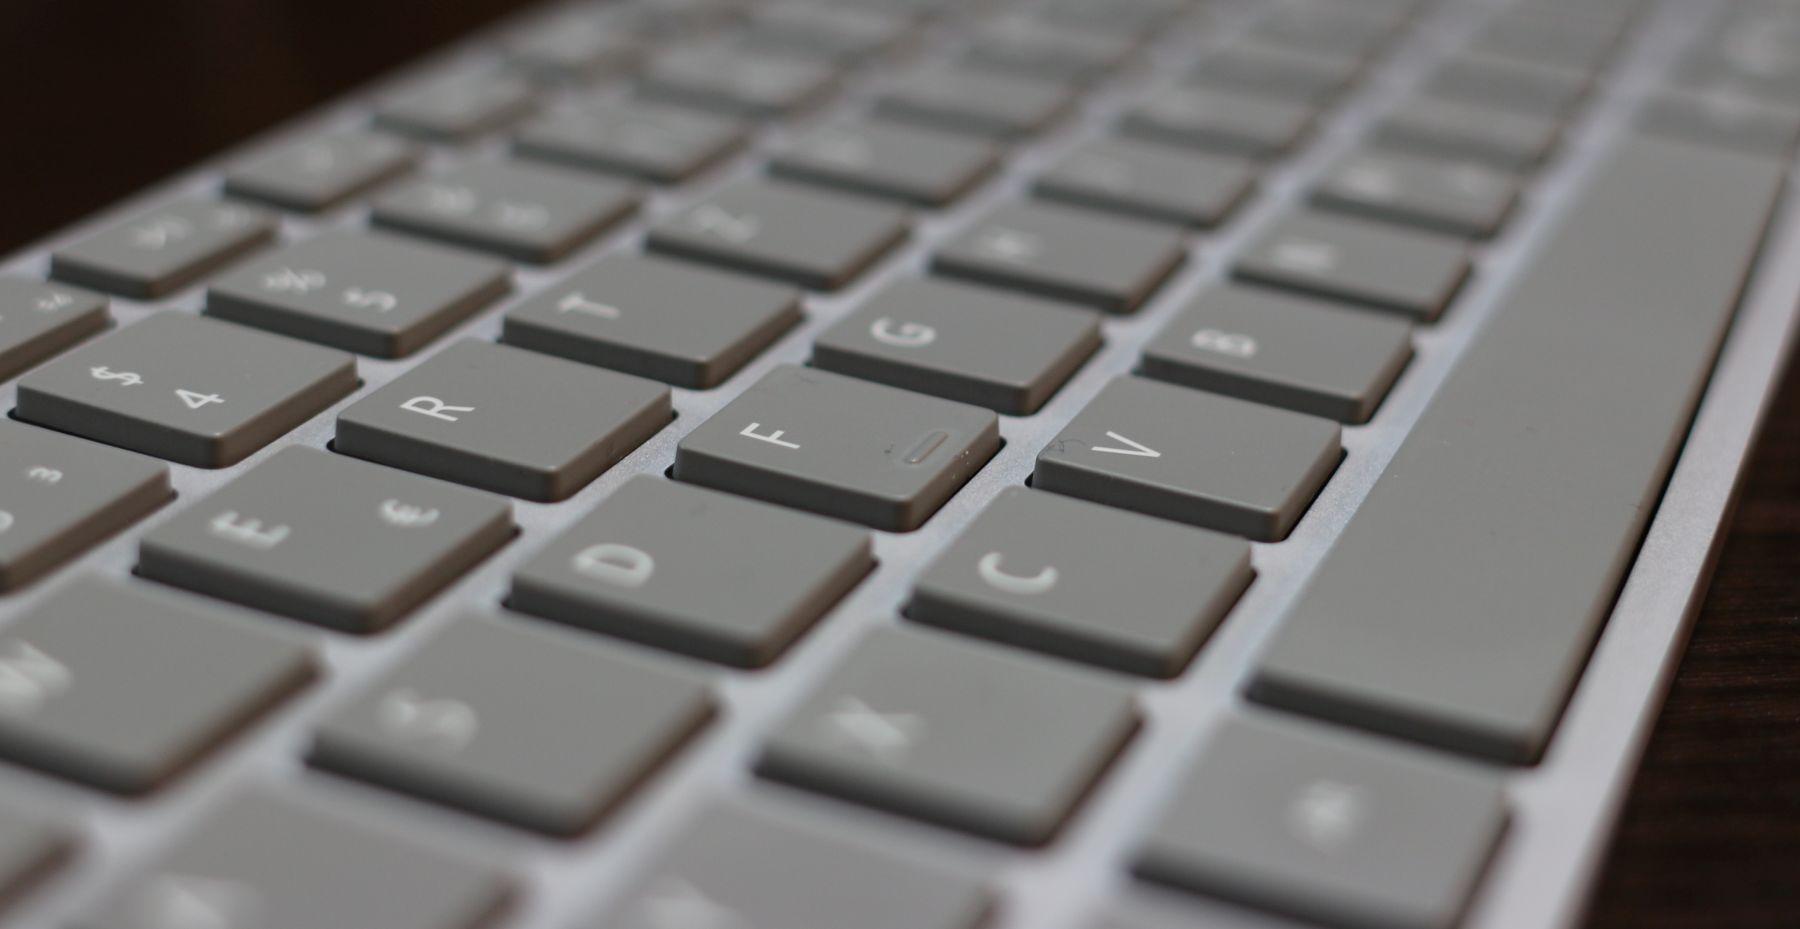 das surface keyboard im test der neue favorit auf meinem schreibtisch aber dr windows. Black Bedroom Furniture Sets. Home Design Ideas